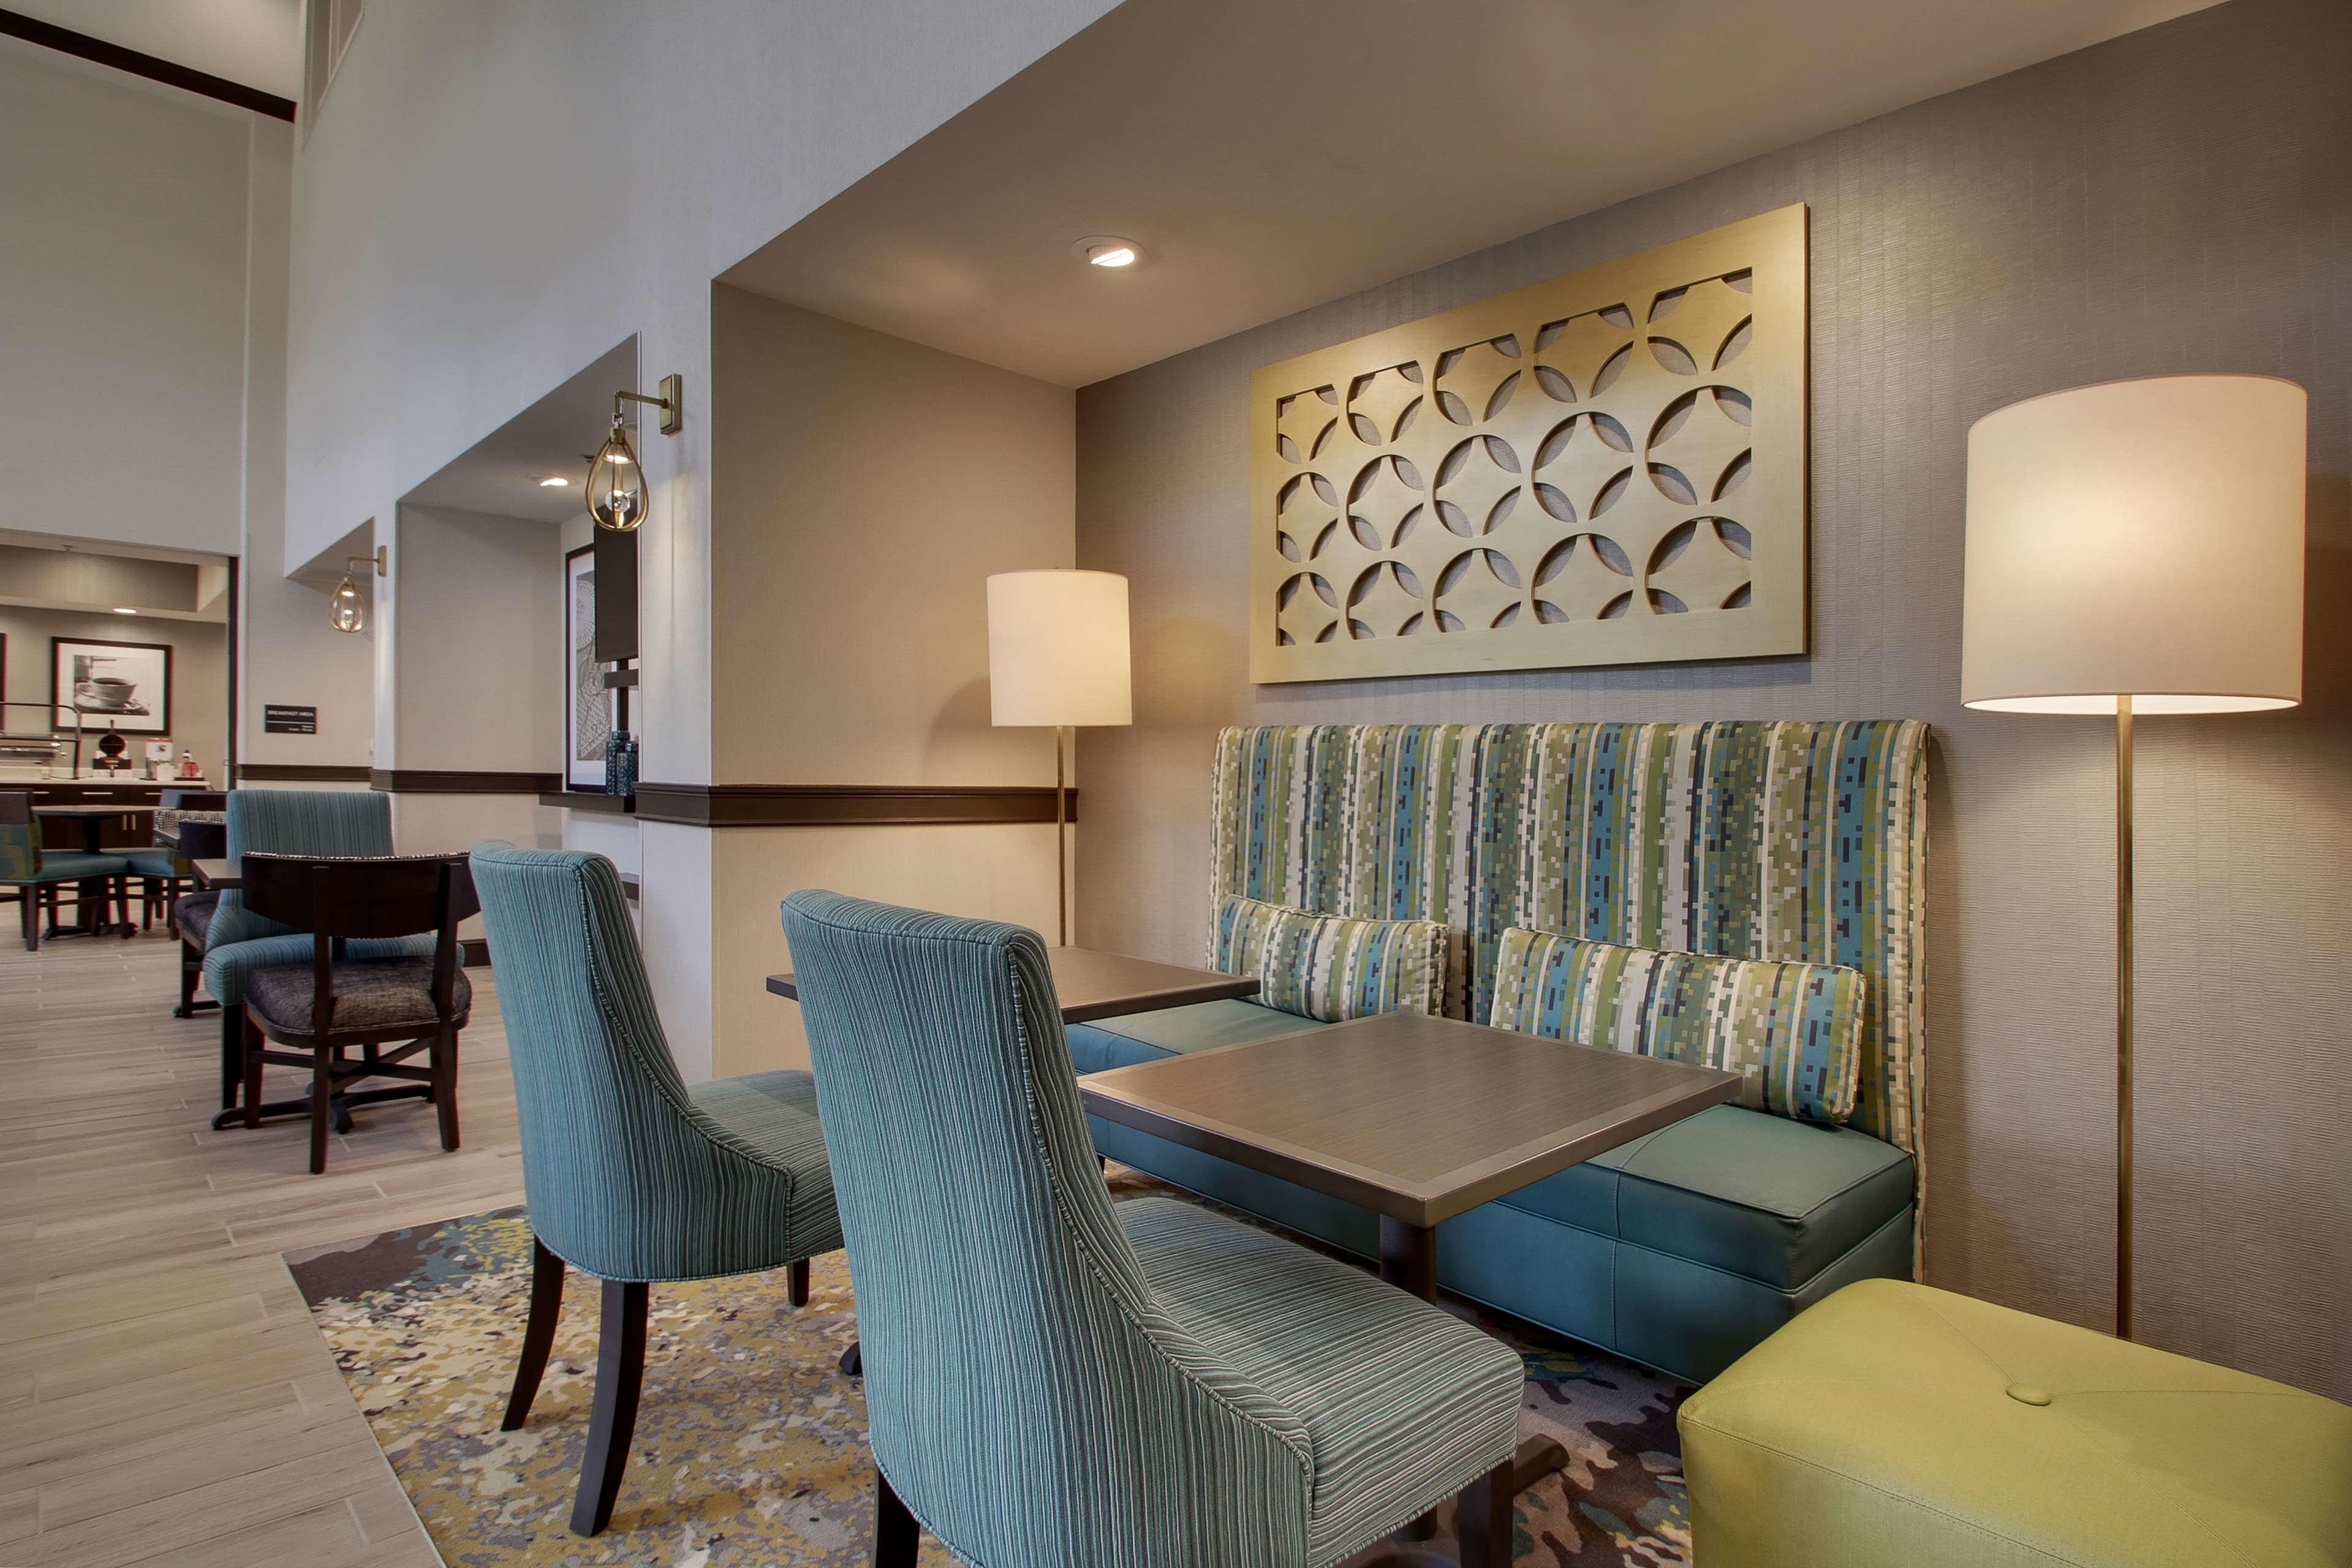 Hampton Inn & Suites Knightdale Raleigh image 3